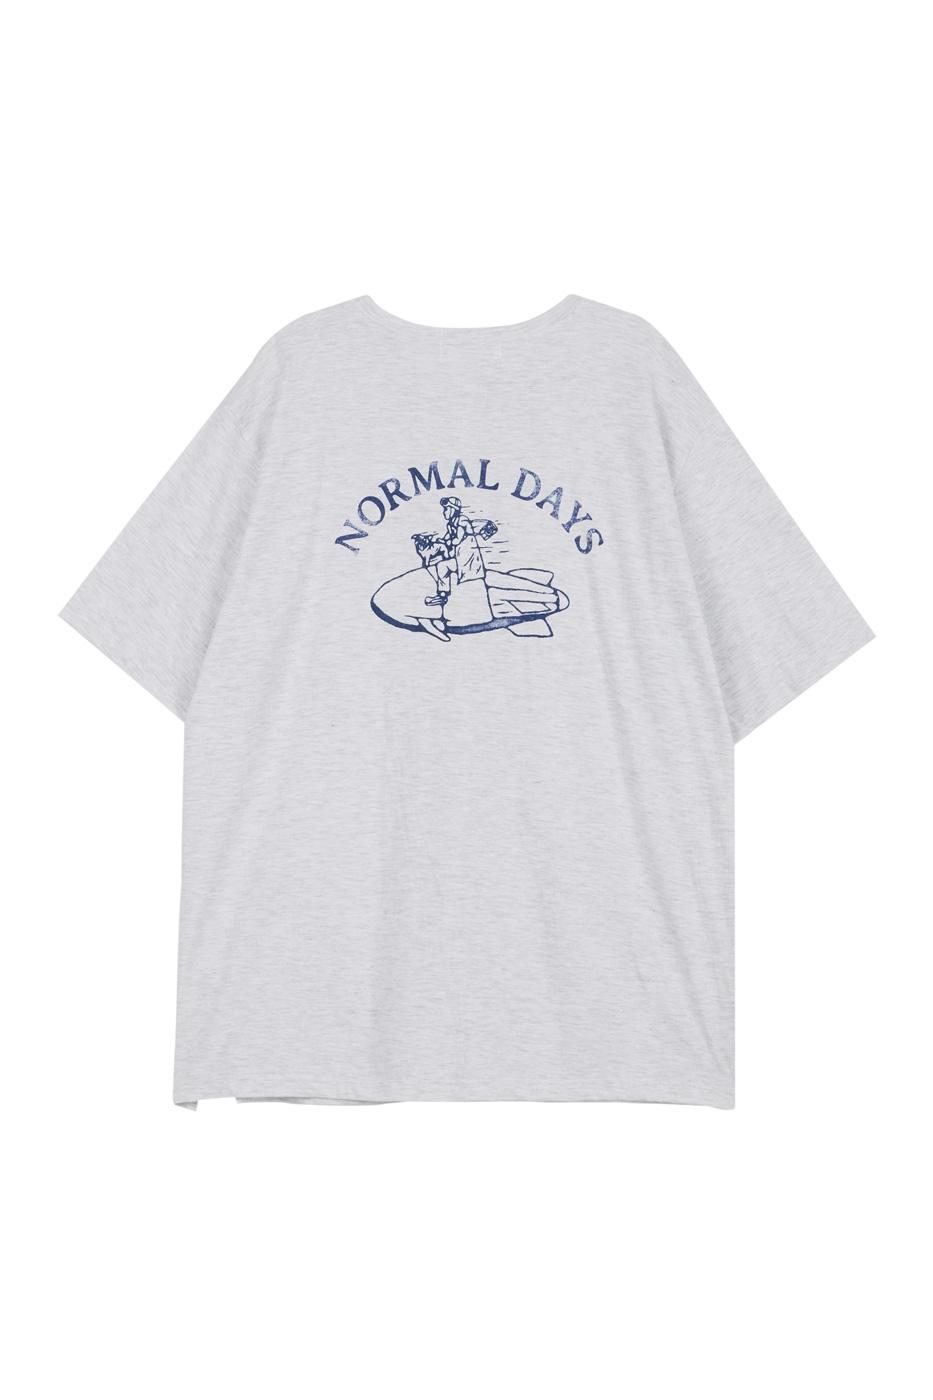 데이즈 쇼트 슬리브 티셔츠